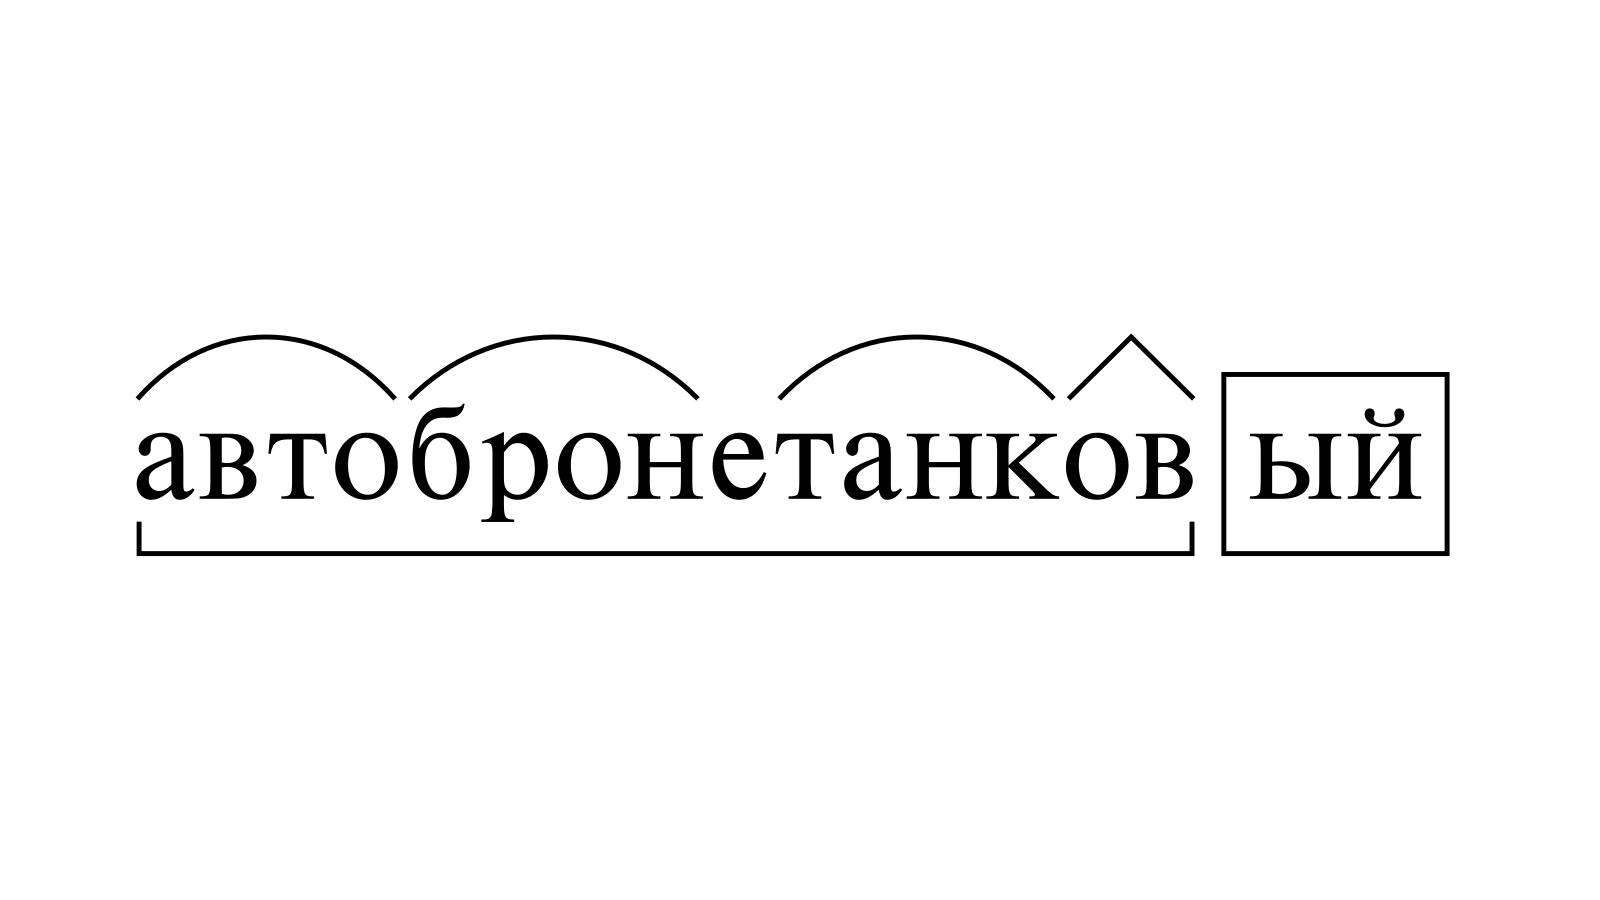 Разбор слова «автобронетанковый» по составу